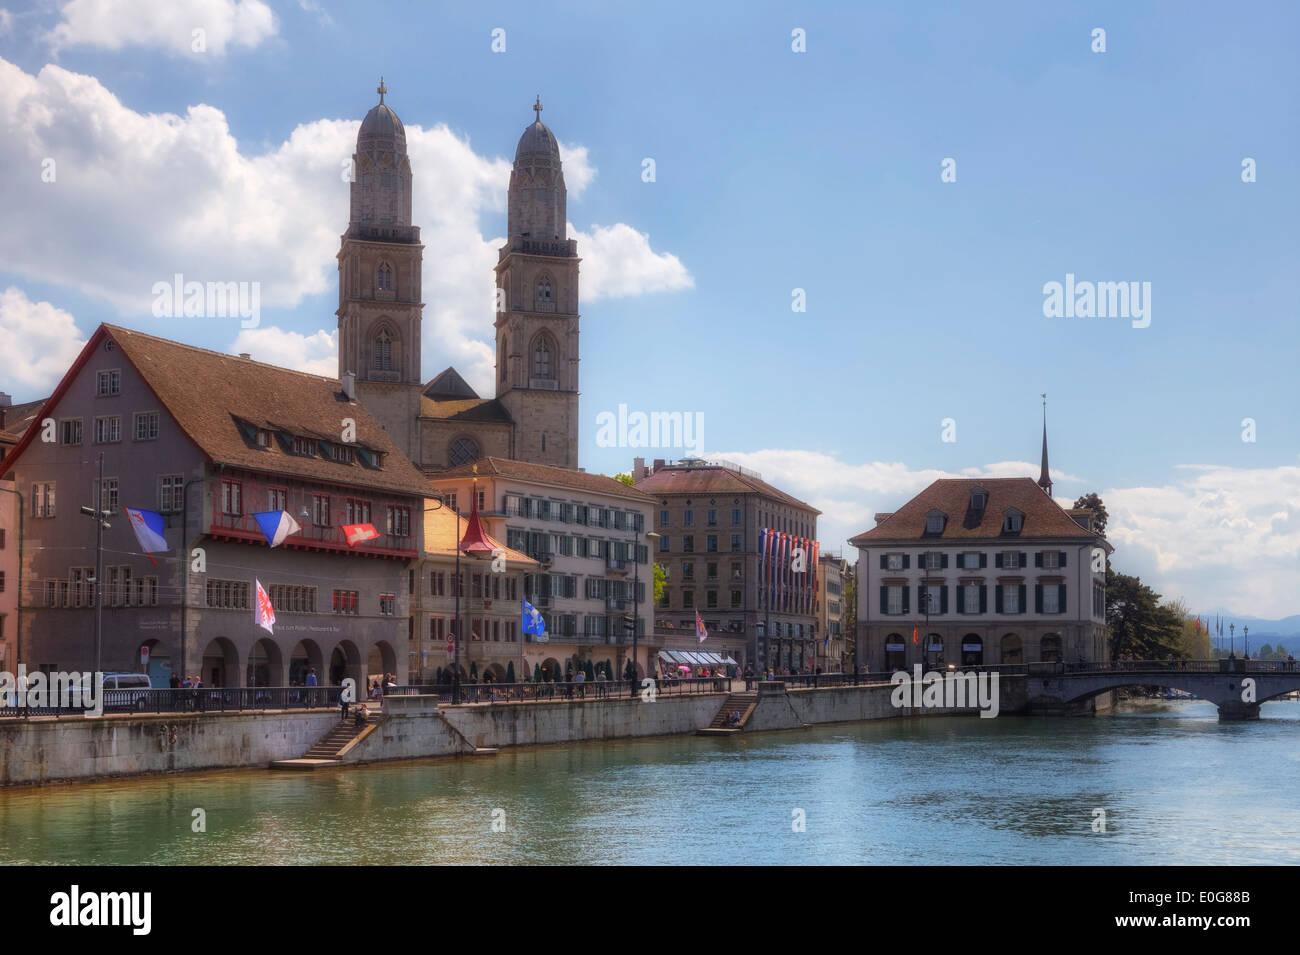 Zurich, Grossmuenster, Limmat, Switzerland - Stock Image